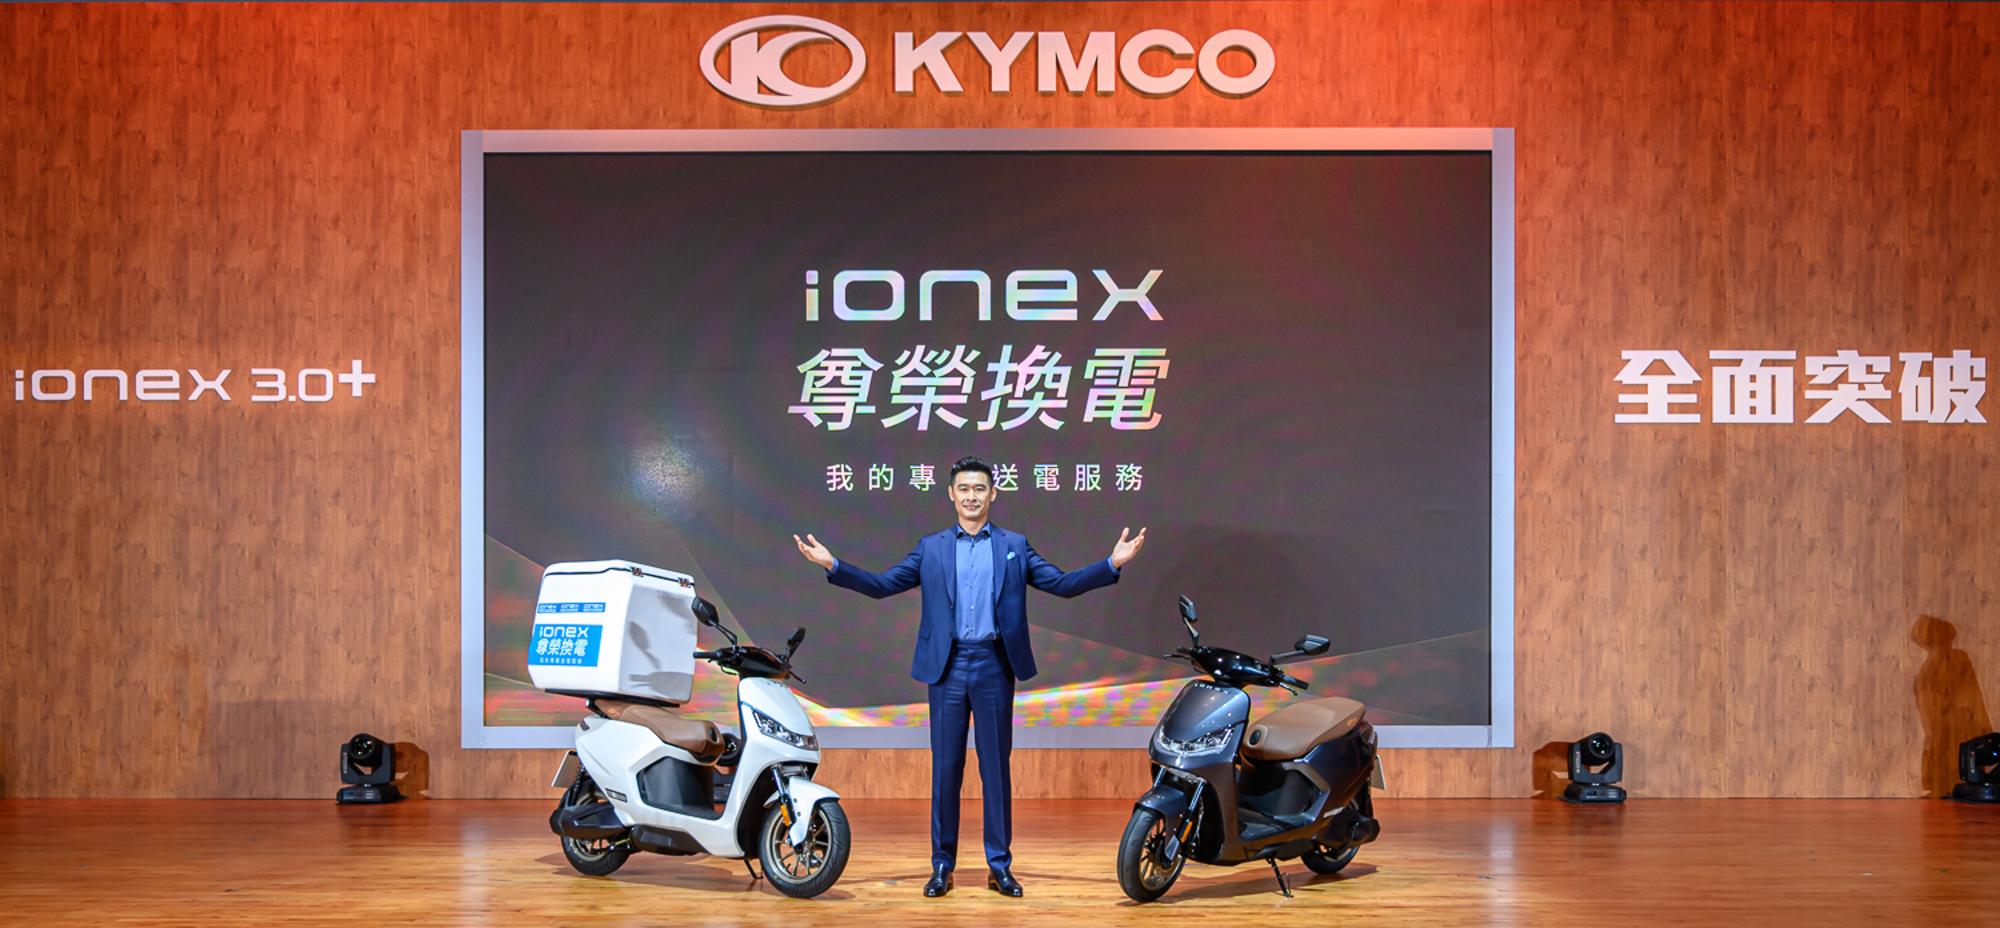 KYMCO 新推「Ionex 尊榮換電」!電池到府親送年底前 Ionex 3.0 車主免費享受